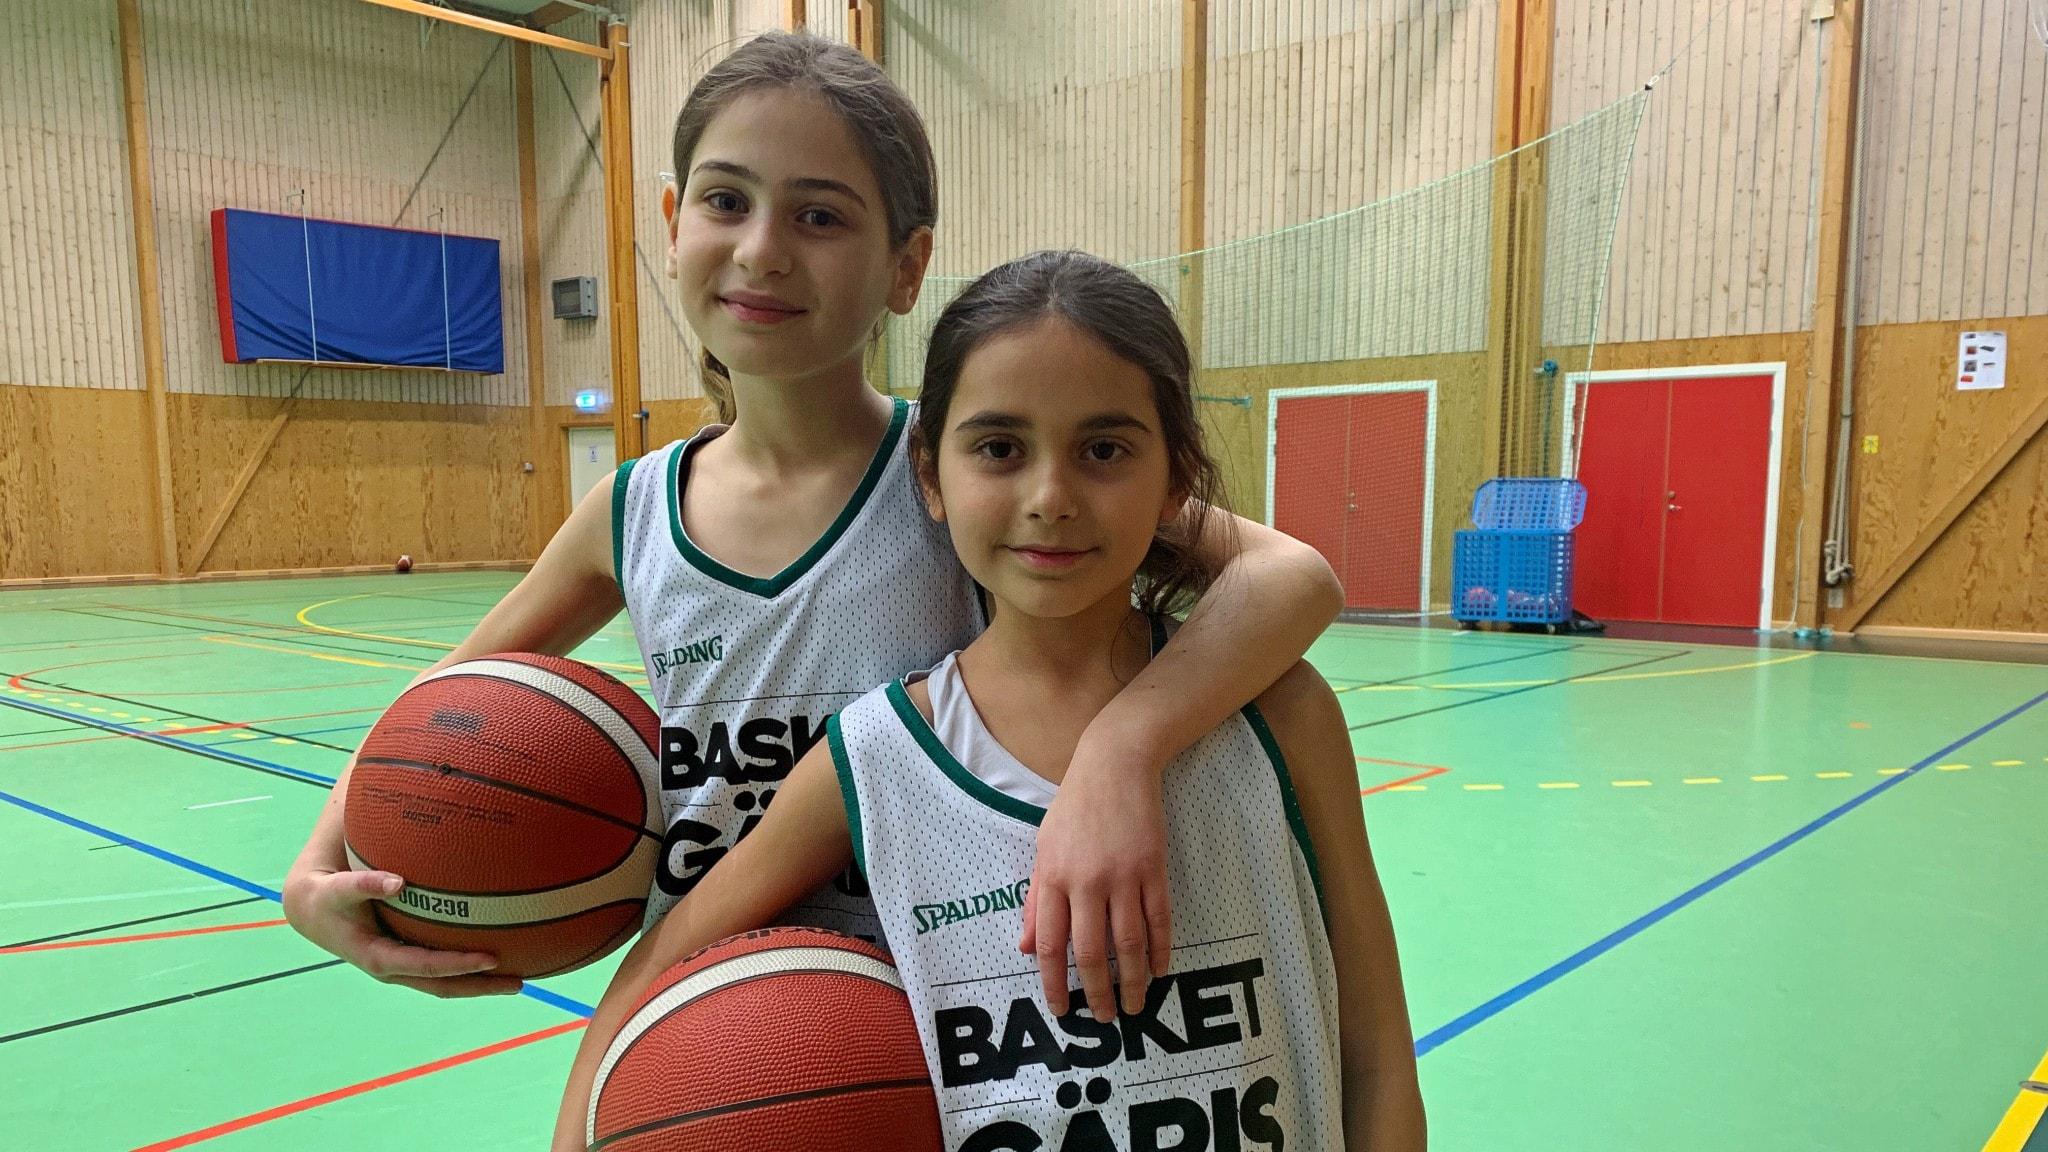 Basketspelaren Marina: